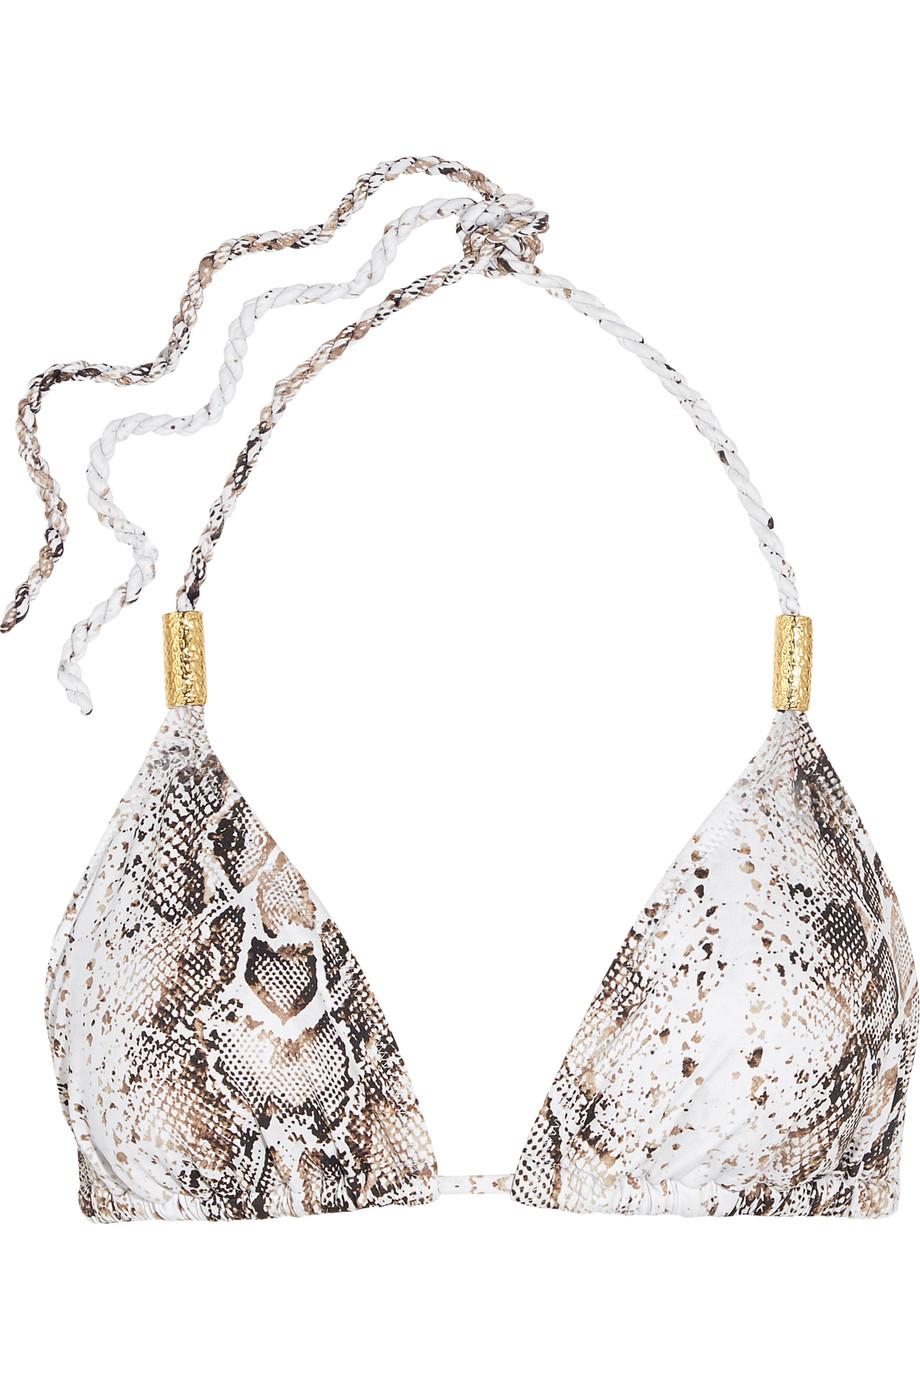 Heidi Klein Tobago Snake-Print Bikini Top, White/Snake Print, Women's, Size: L